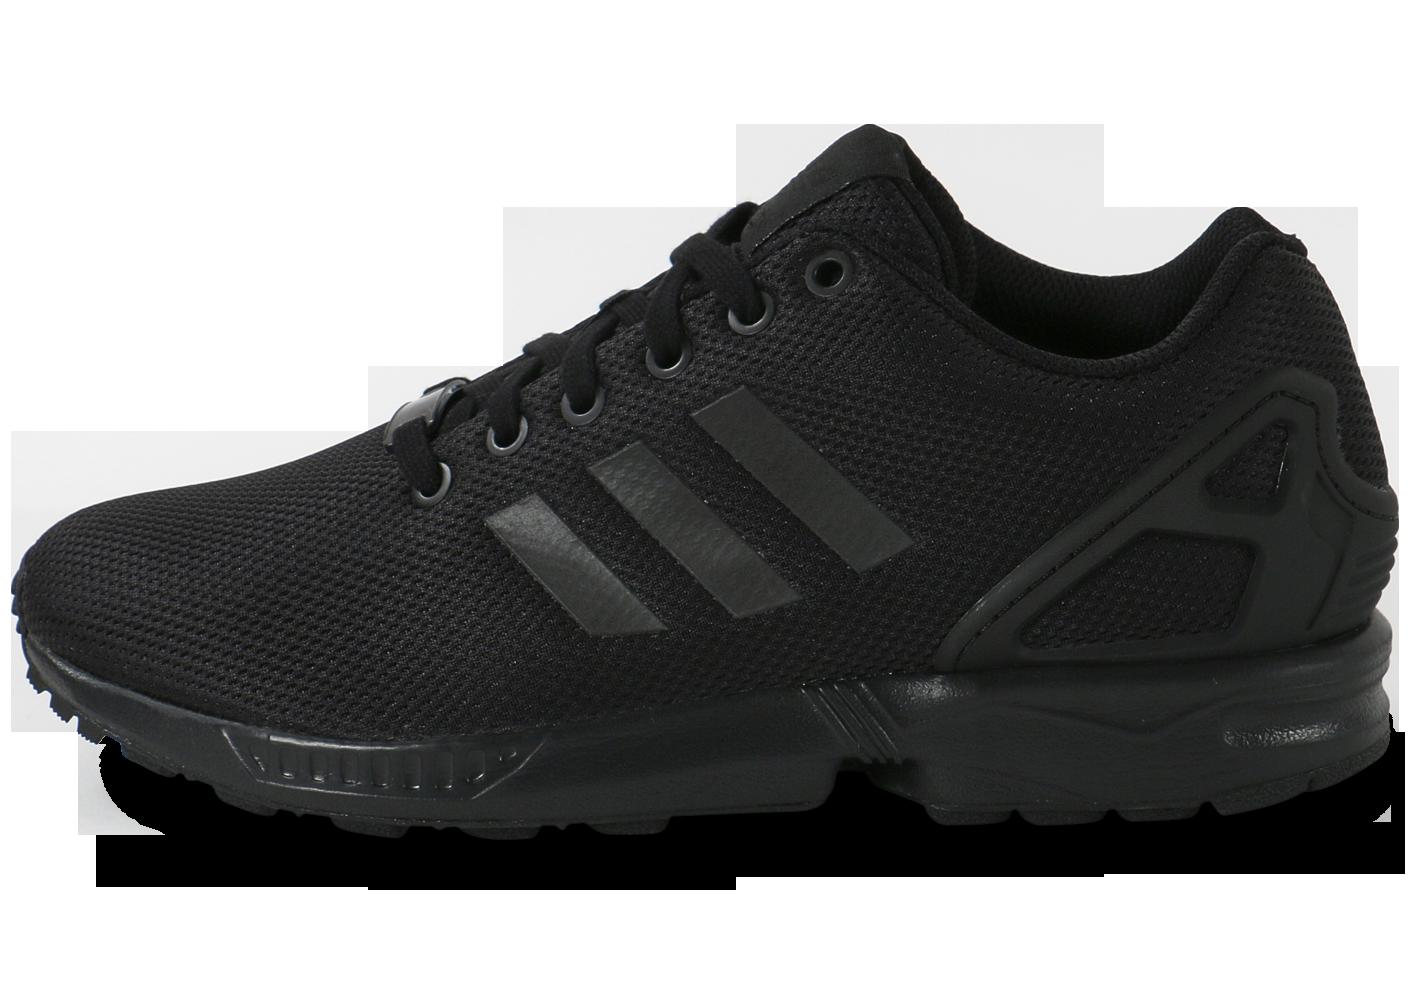 adidas zx flux noir pas cher, Adidas originals superstar